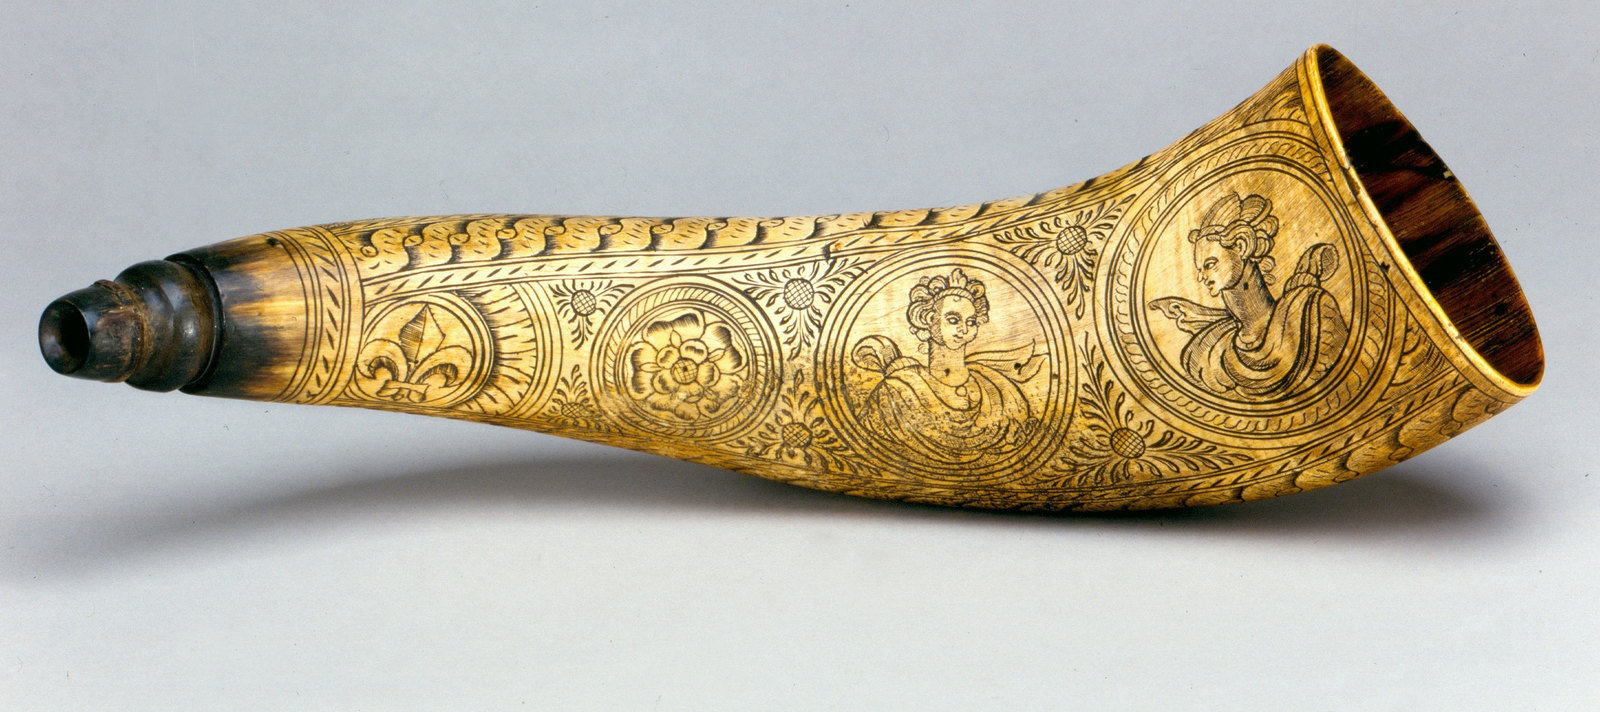 Jägerhorn, Hunting horn, Friedrich Purrer, Foto: Marion Wenzel, Museum für Musikinstrumente der Universität Leipzig, CC BY-NC-SA